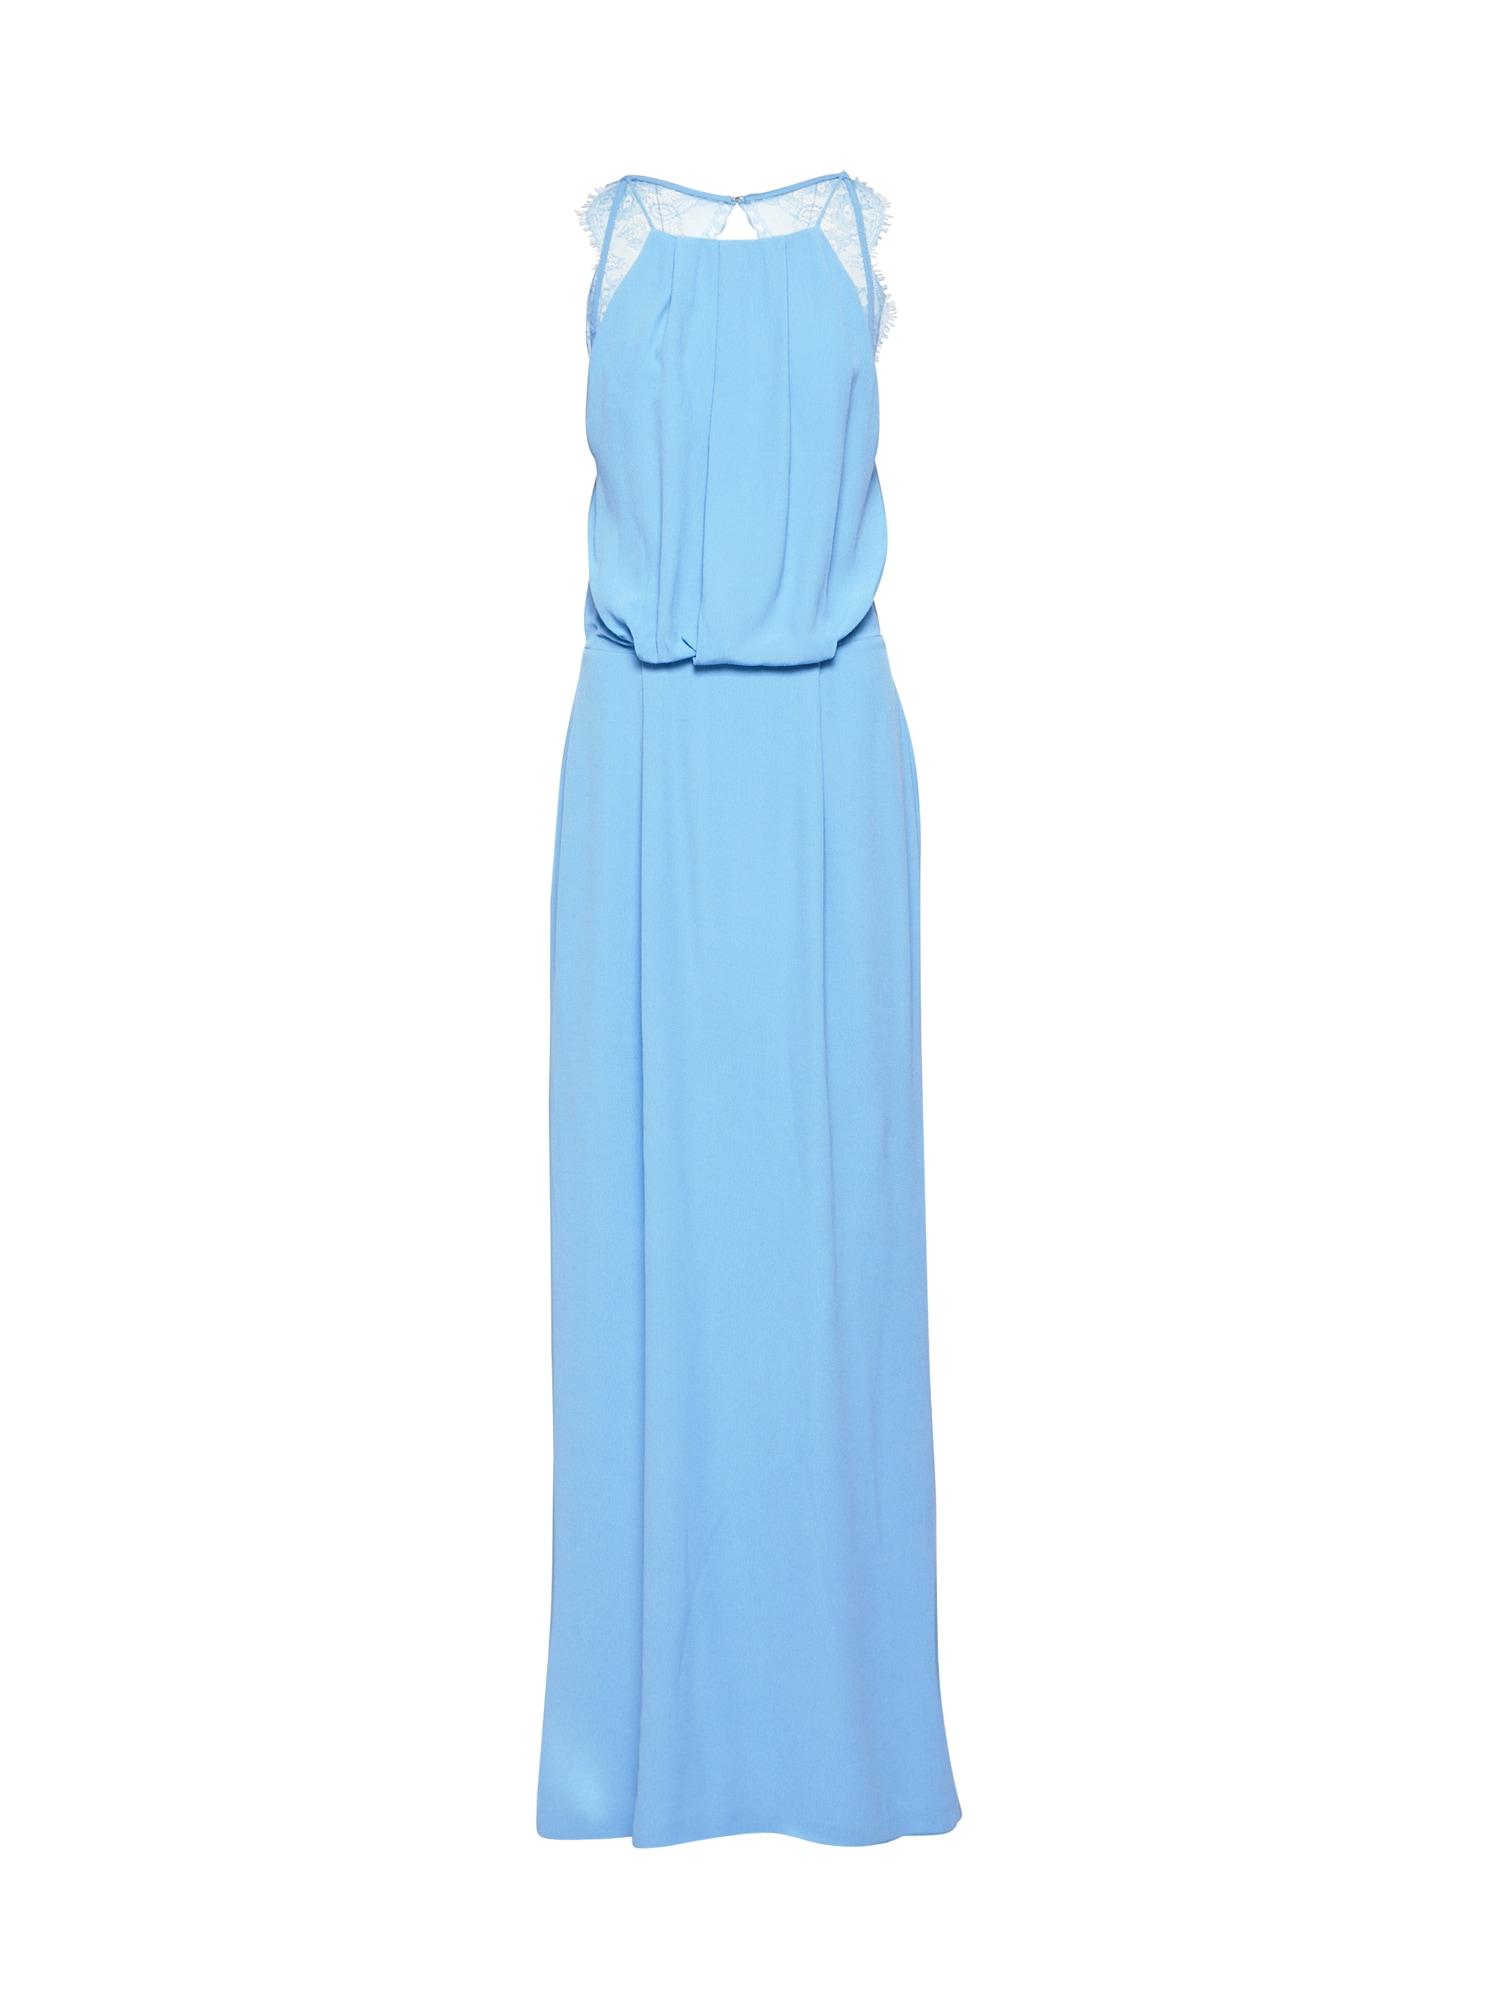 Společenské šaty Willow 5687 světlemodrá Samsoe & Samsoe